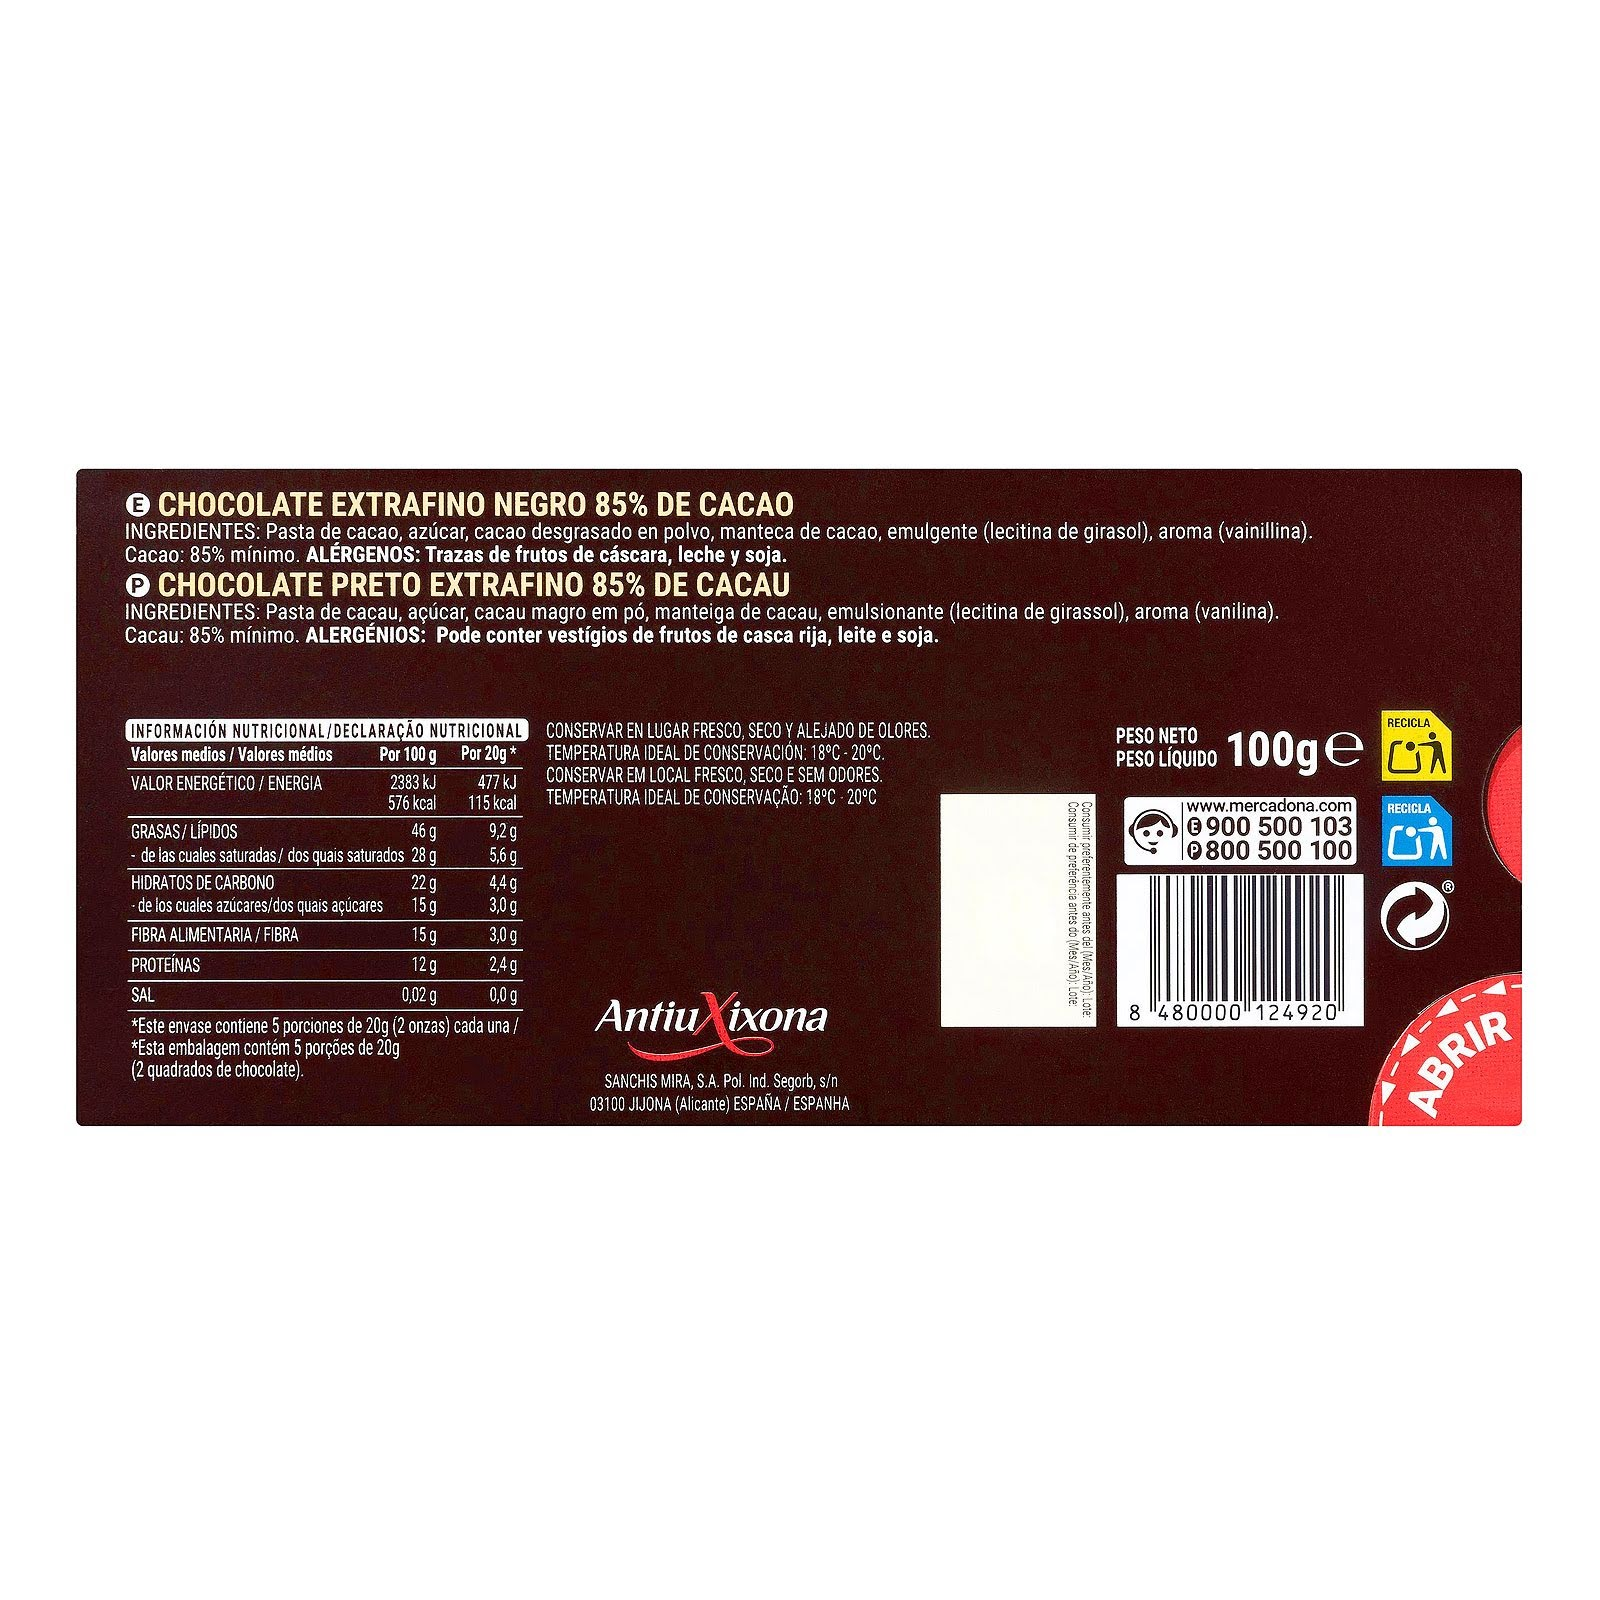 Chocolate negro extrafino 85% de cacao Hacendado